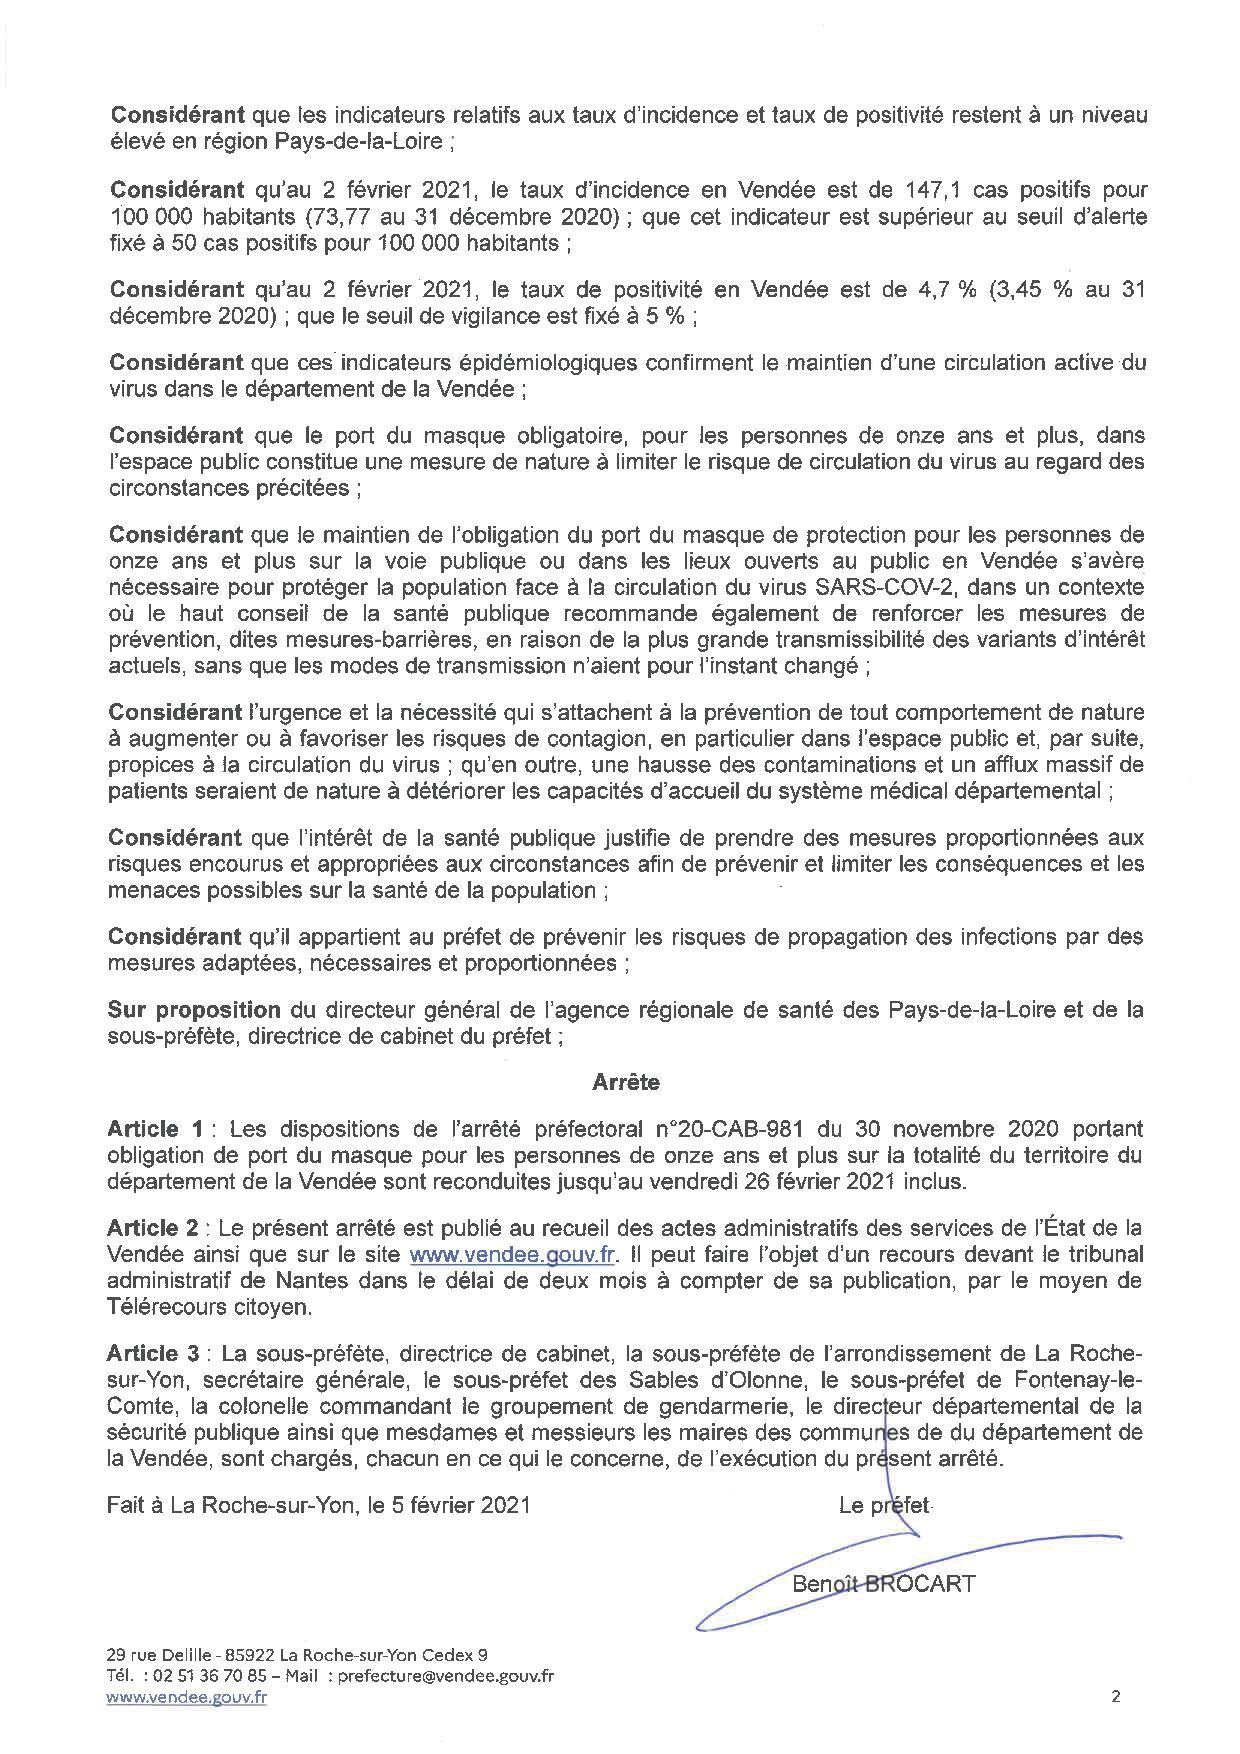 Obligation du port du masque sur l'ensemble du territoire de la Vendée jusqu'au 26 février 2021 inclus